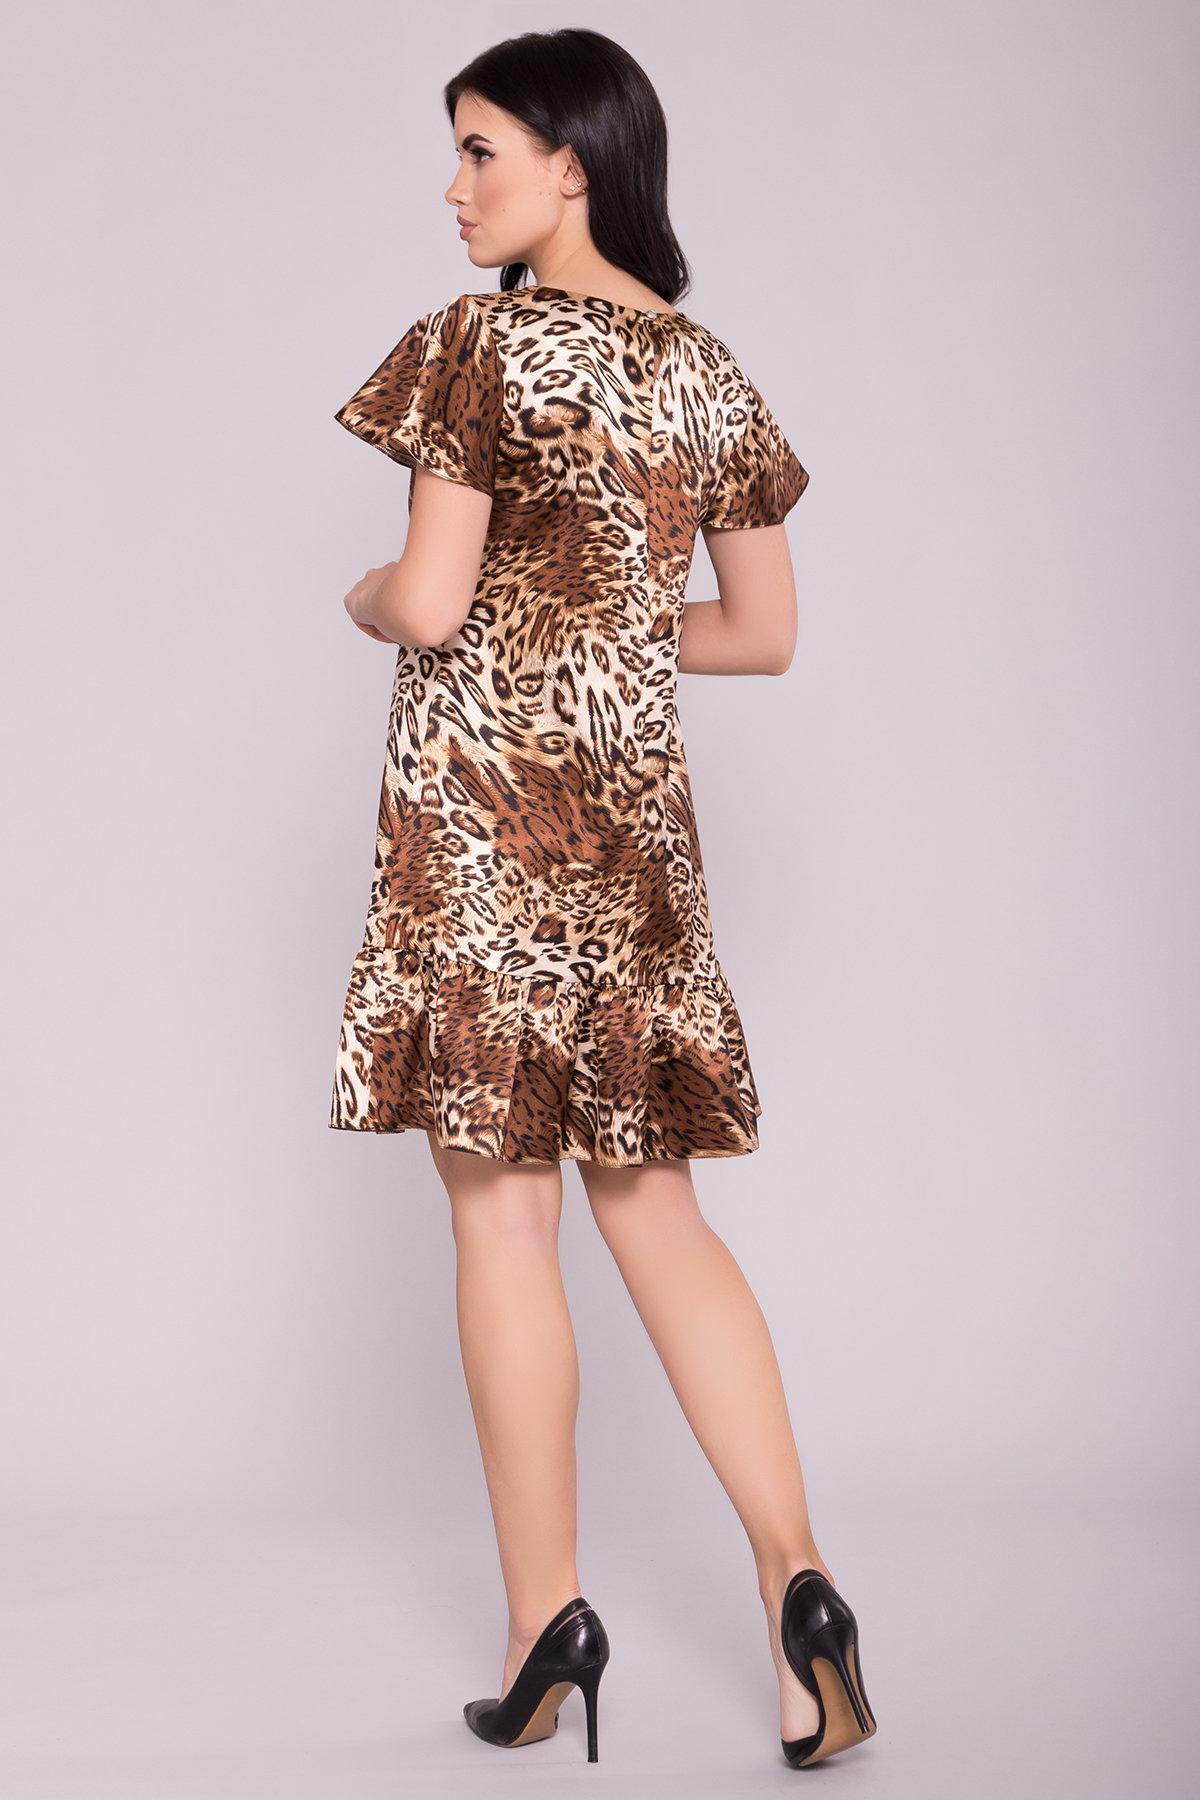 Платье Патрисия 6986 АРТ. 42520 Цвет: Леопард бежевый/черный - фото 2, интернет магазин tm-modus.ru